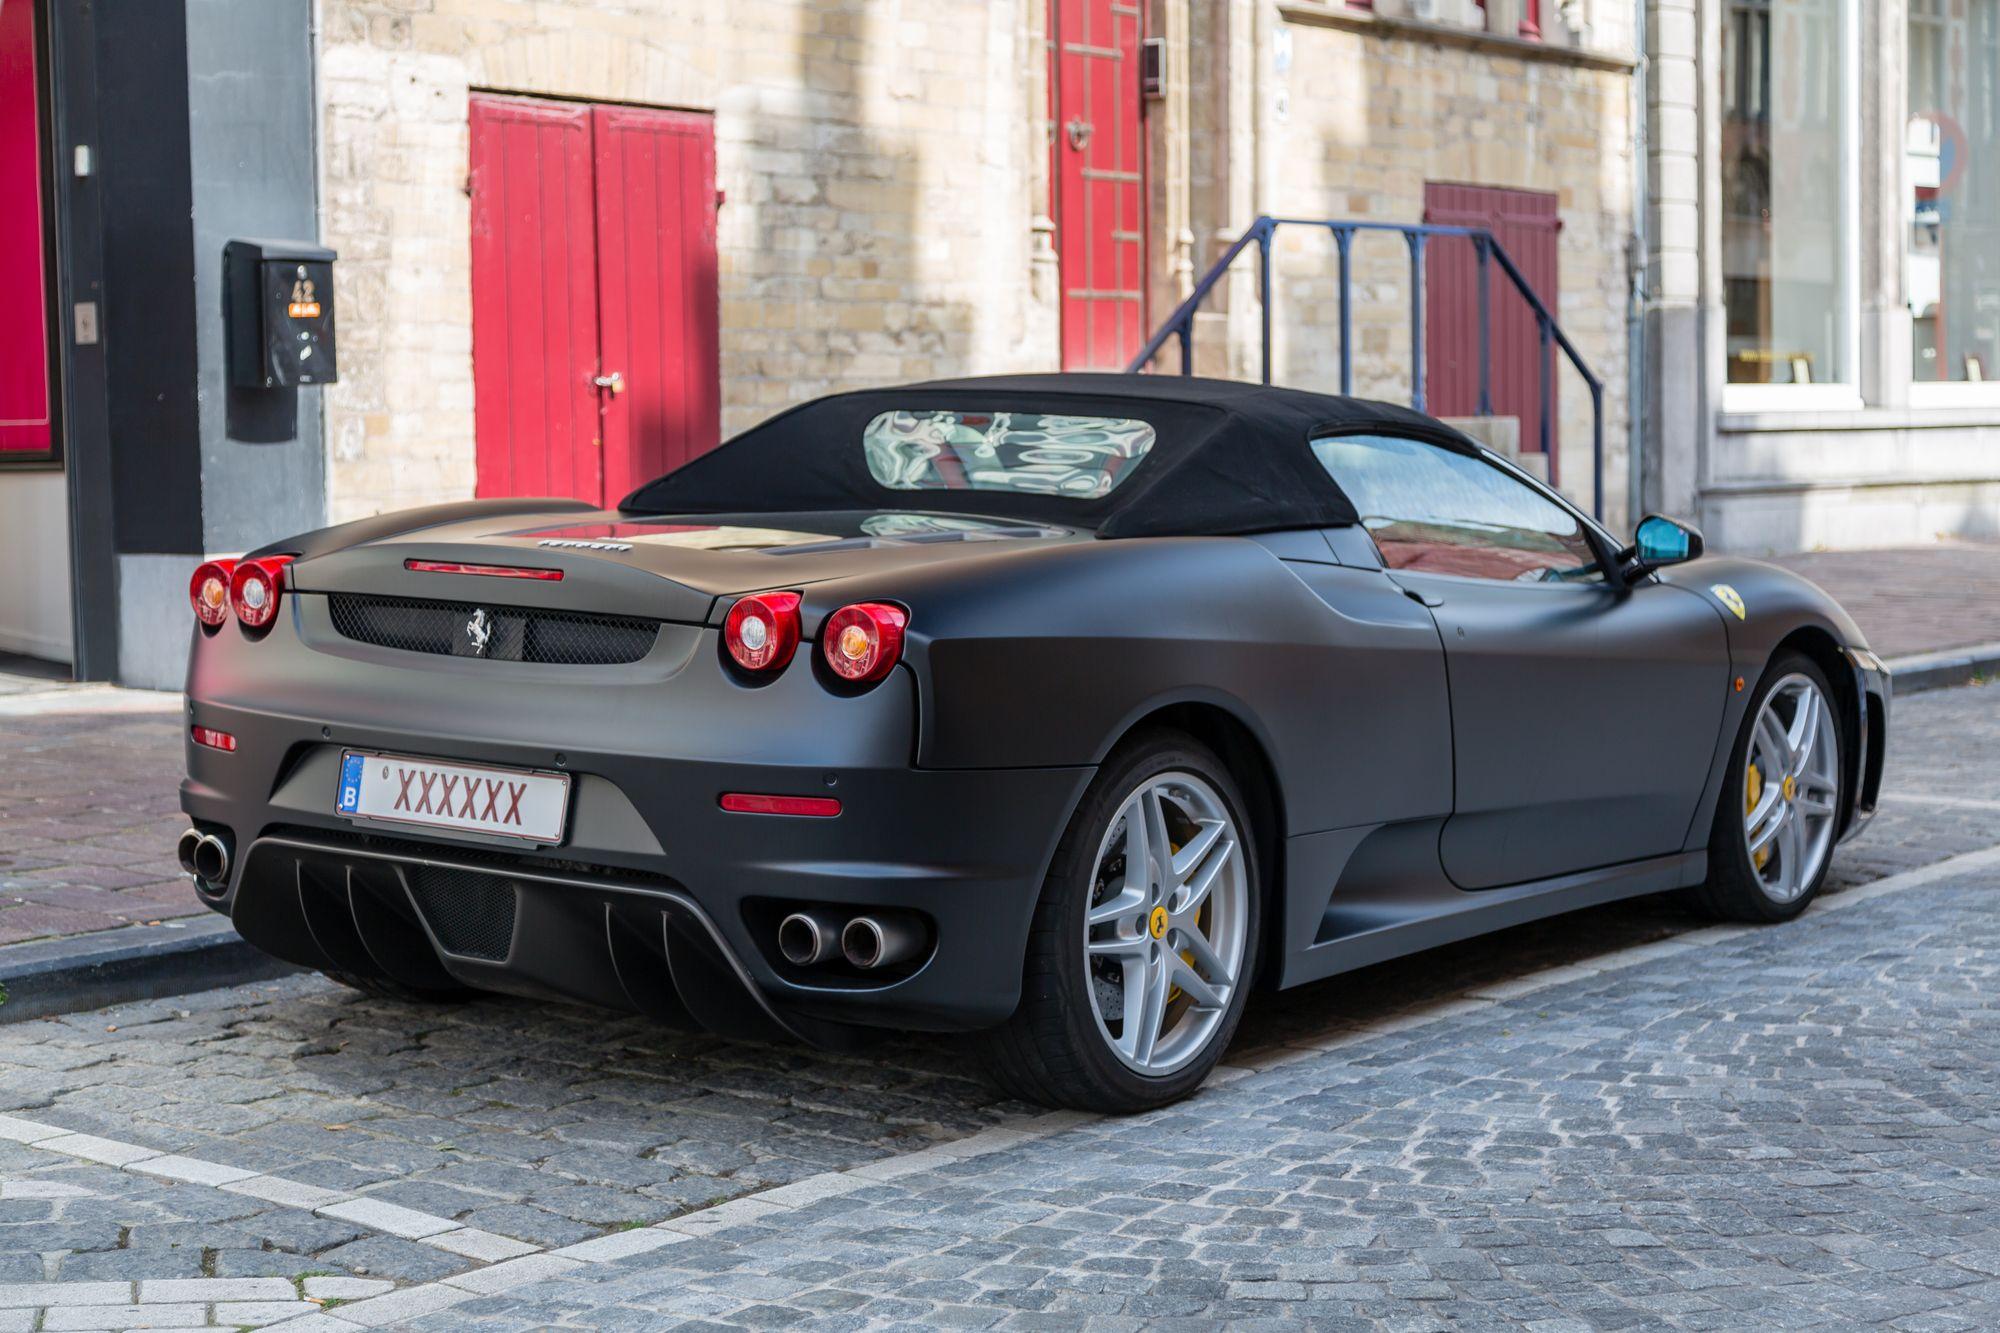 Μαύρη Ferrari F430 Spider πρωταγωνίστησε στο video για το τραγούδι Show Me What You Got